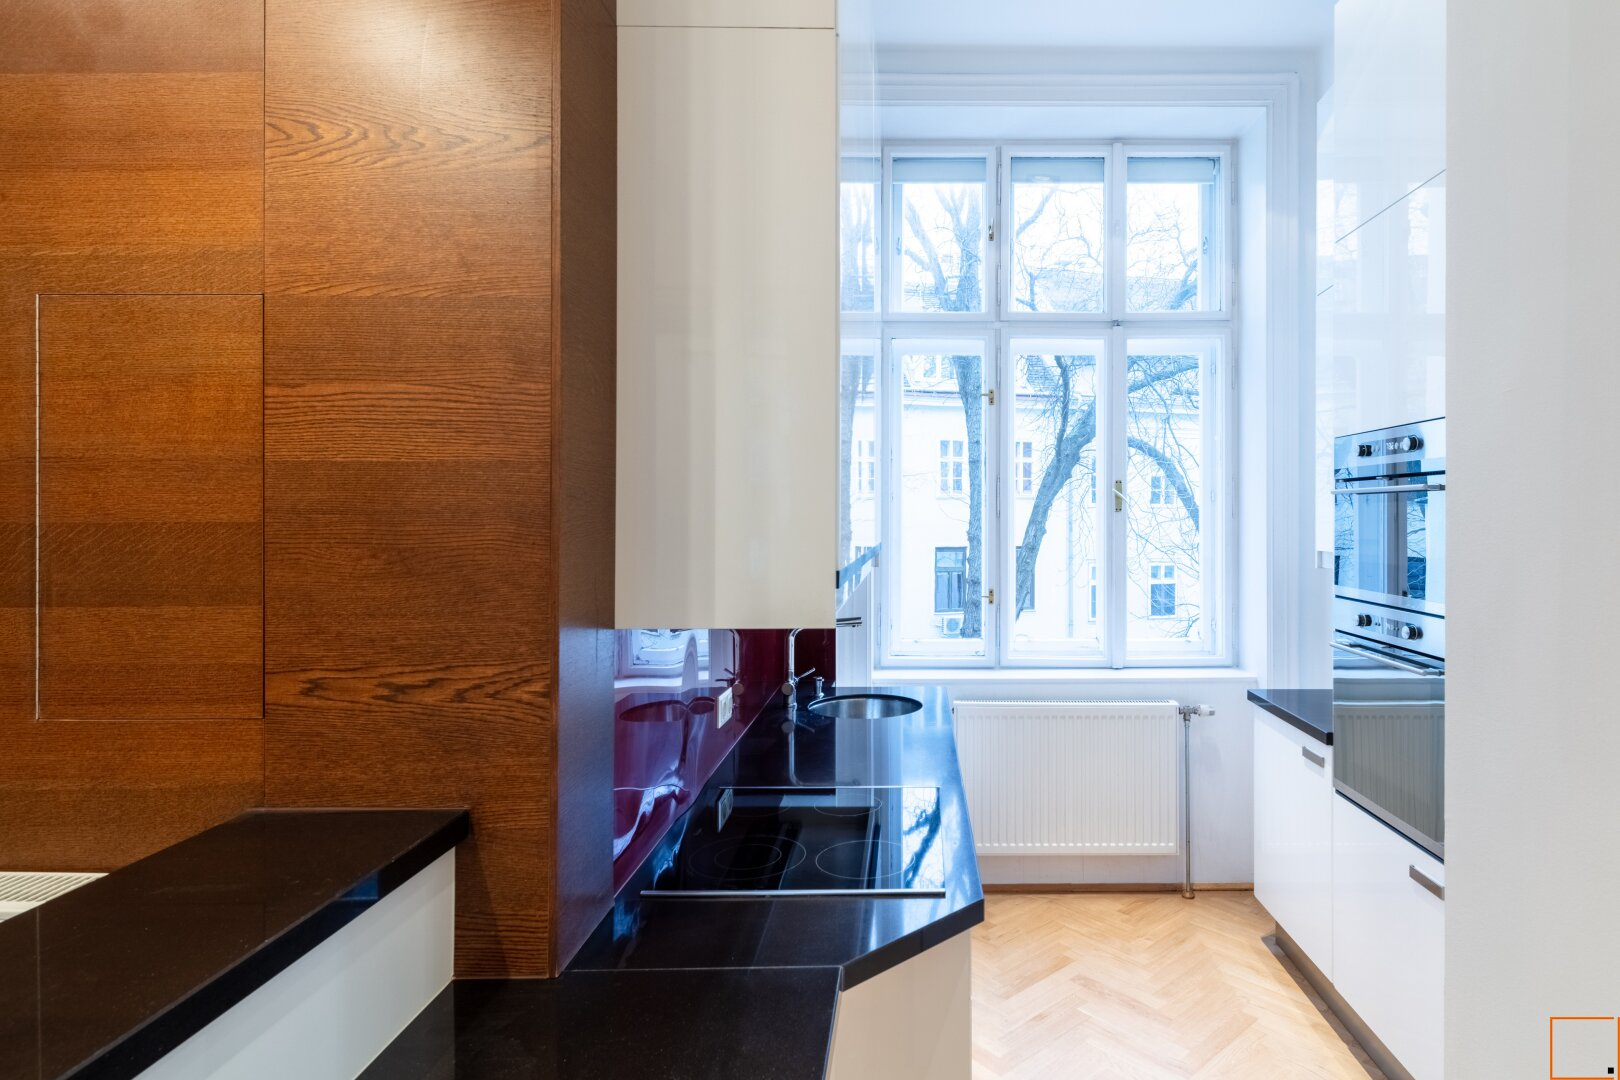 Küche mit Blick in begrünten Innenhof